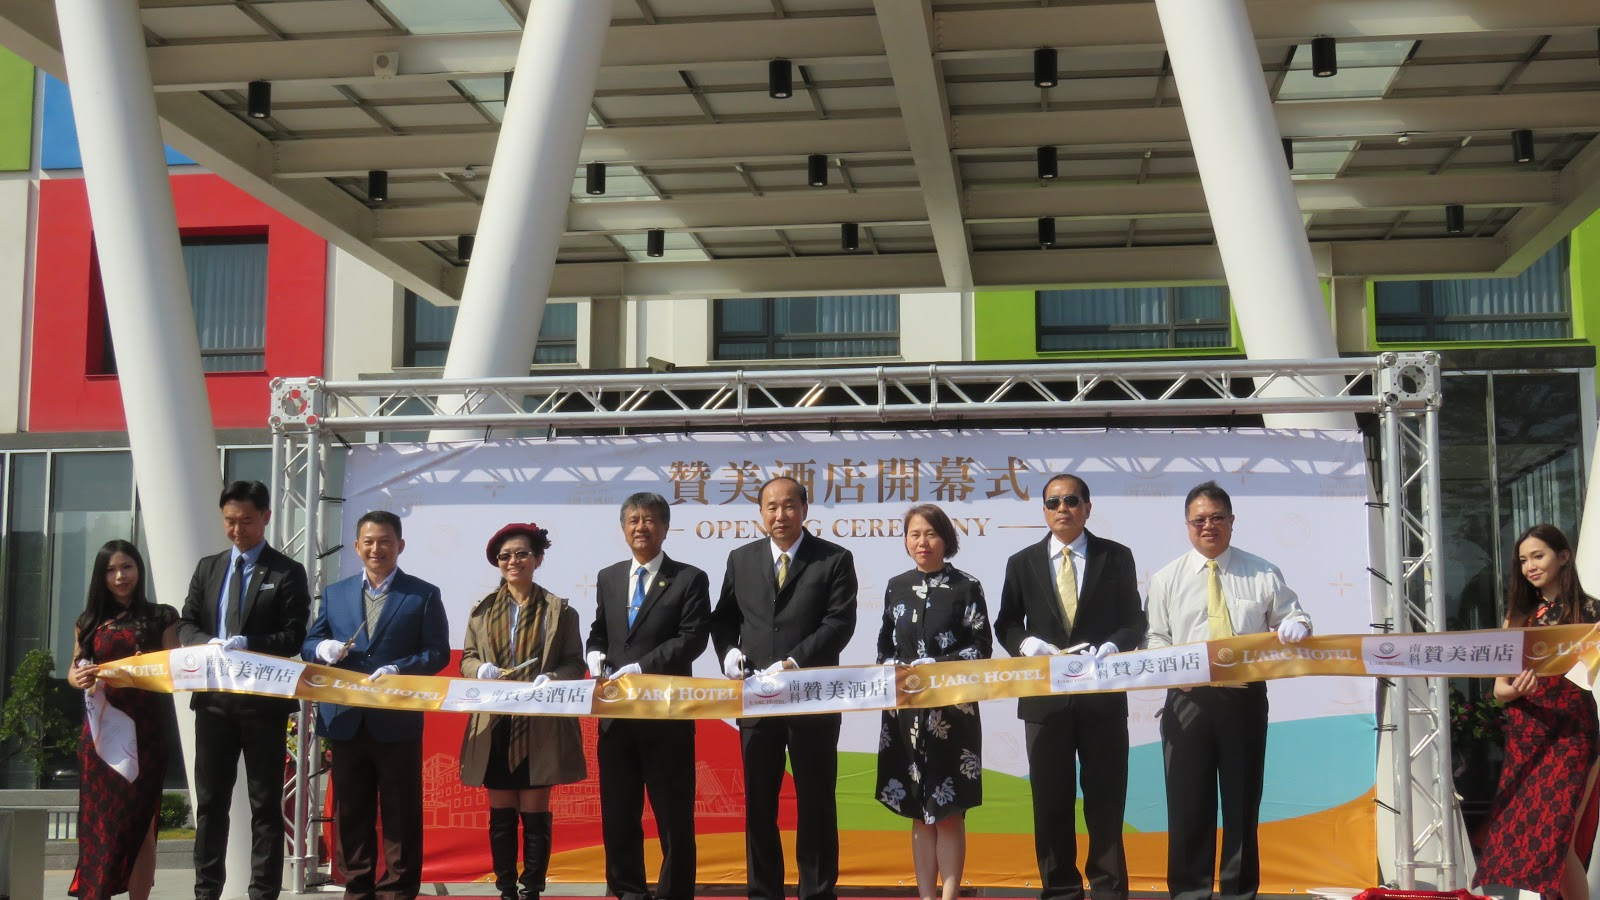 民意日報新聞網: 南科贊美酒店今隆重開幕,設備豪華,環境優雅,展現臺南特色